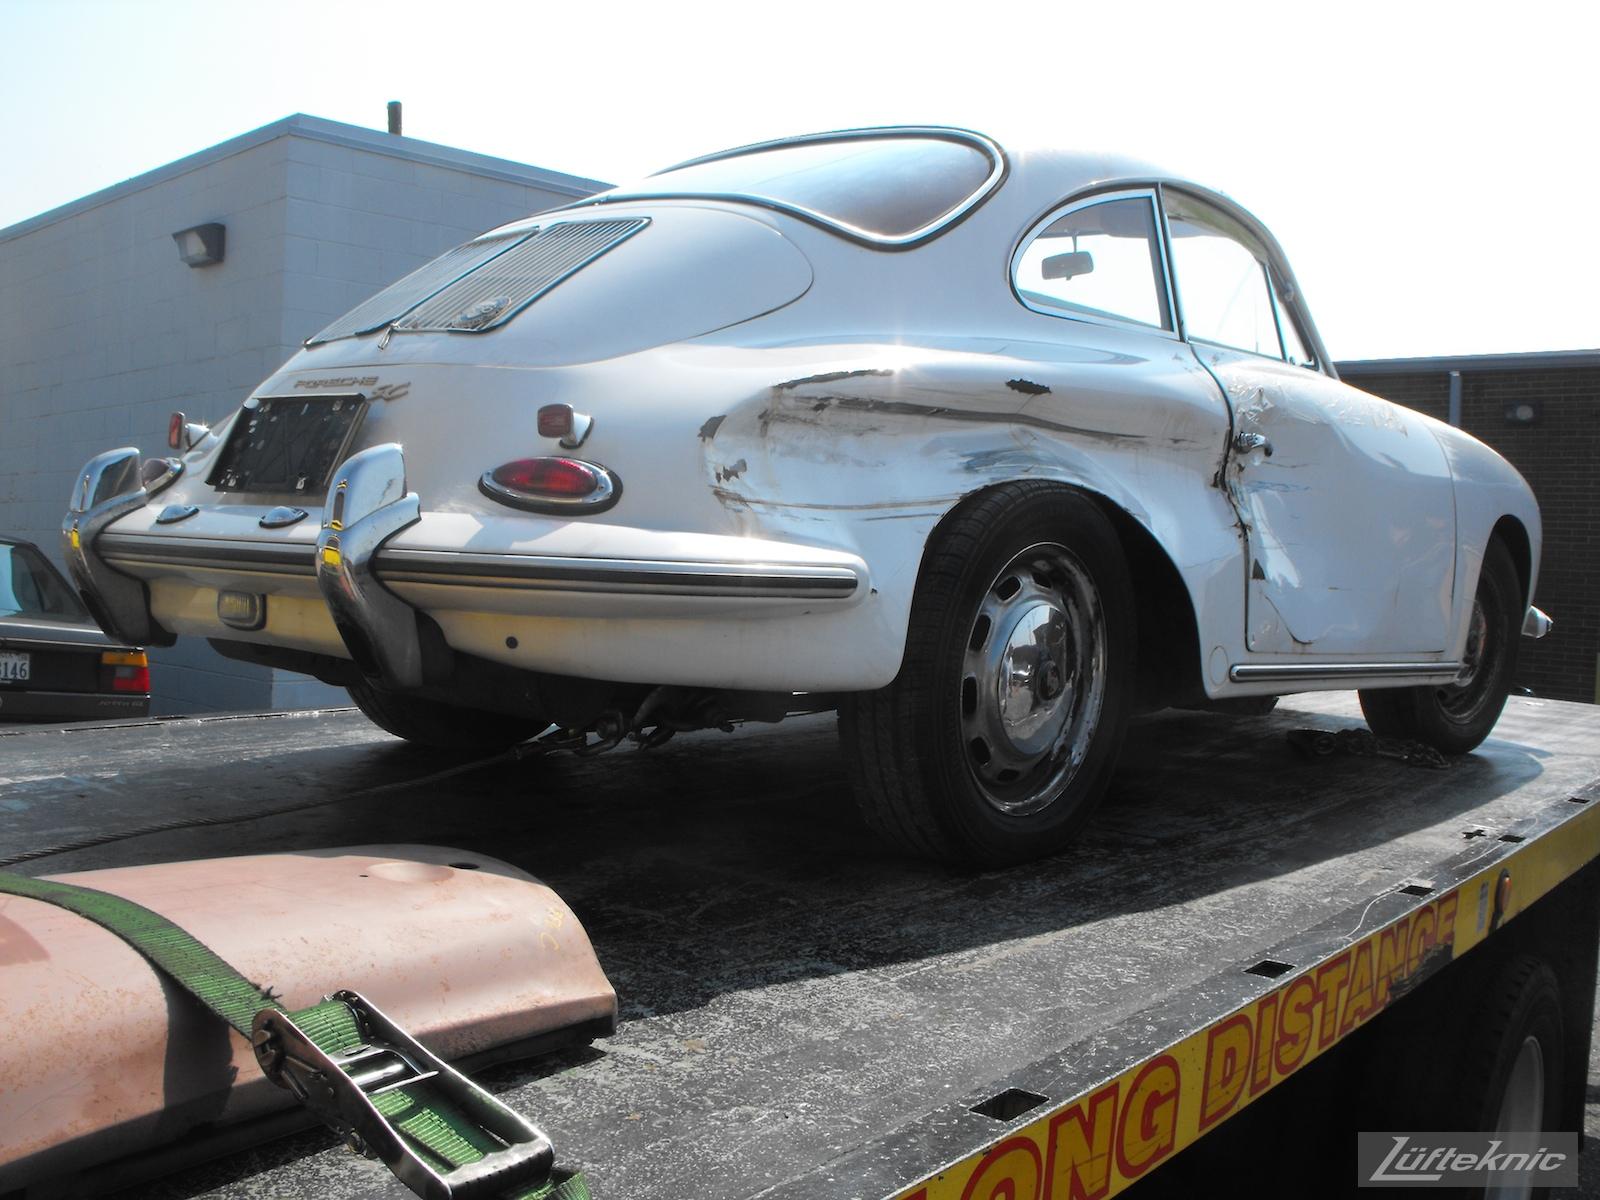 1964 Porsche 356SC restoration being towed in.